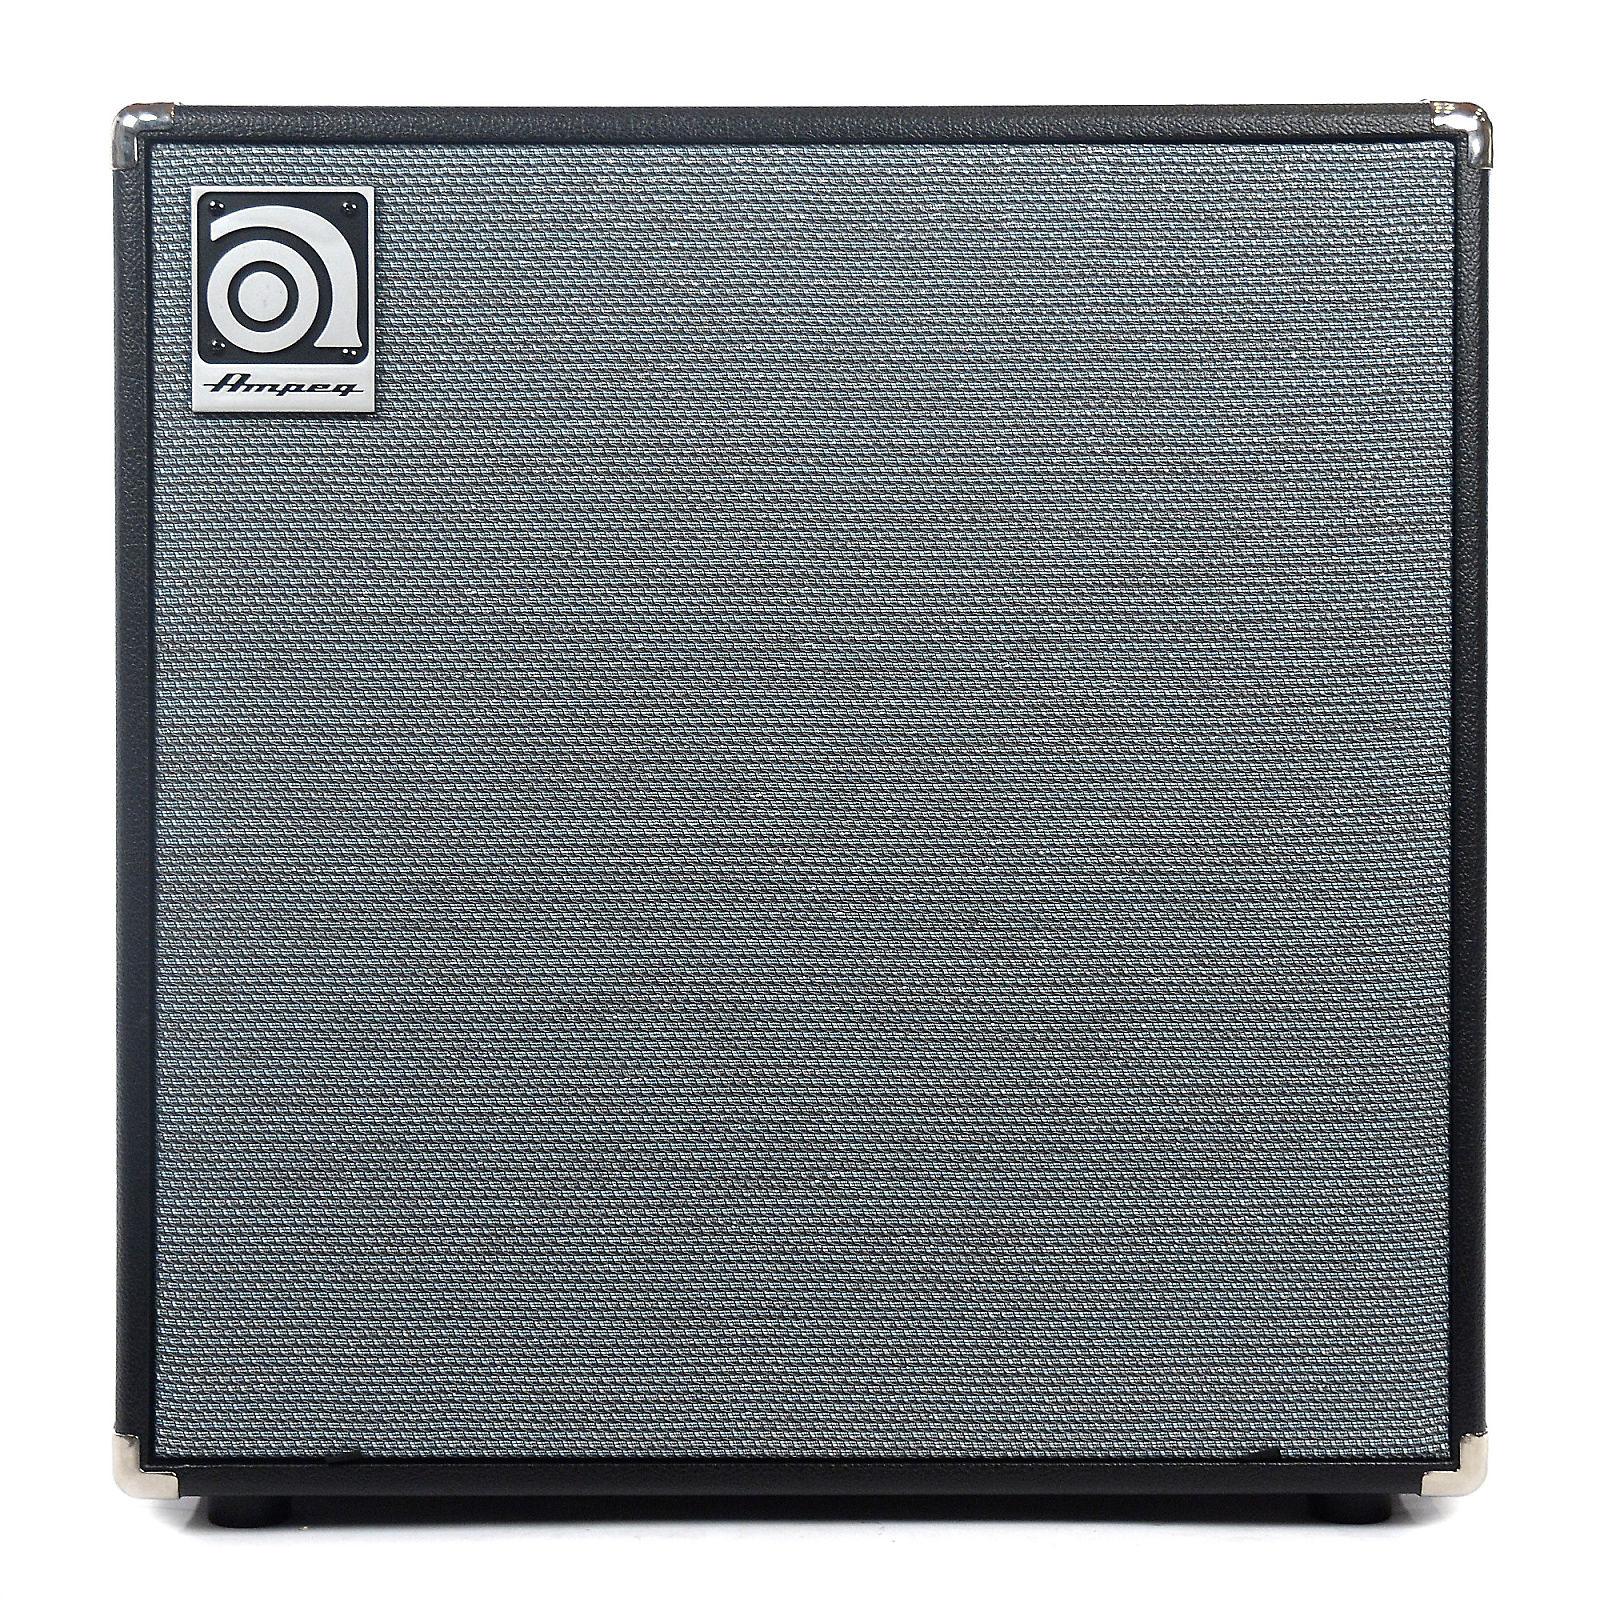 ampeg svt 212av bass cabinet. Black Bedroom Furniture Sets. Home Design Ideas